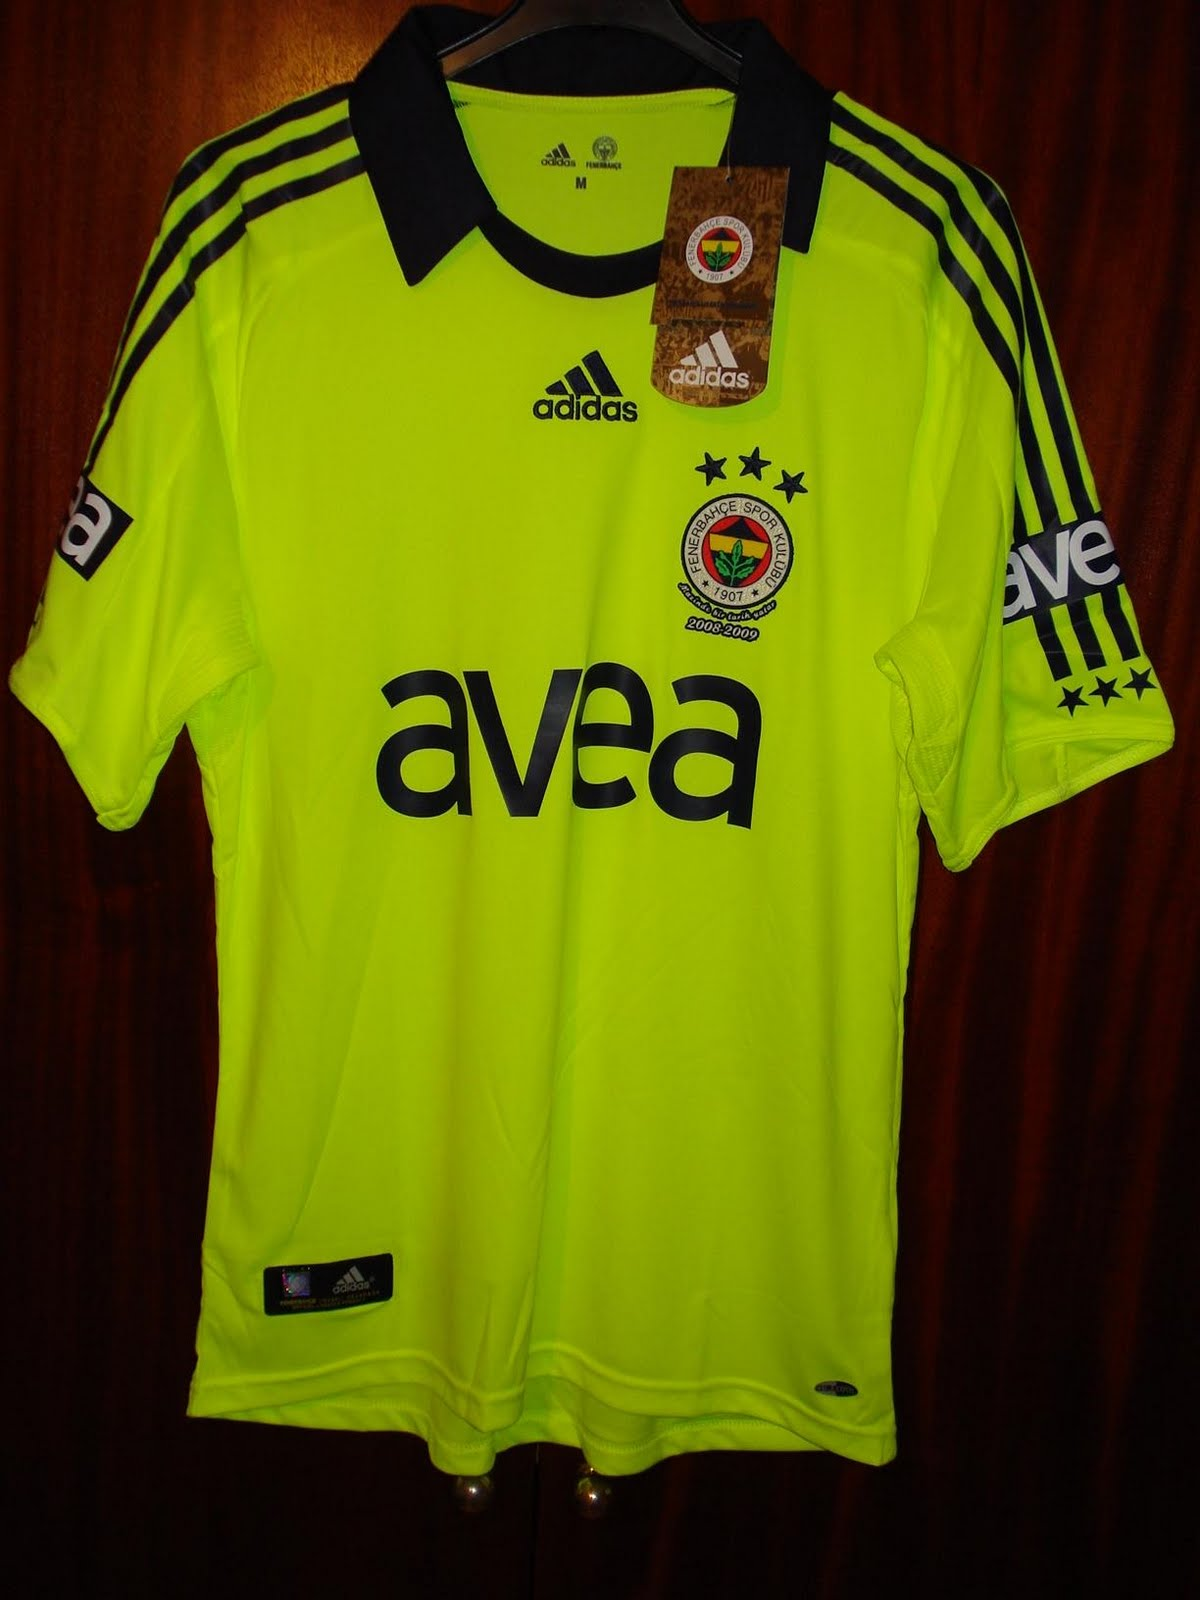 b2413fdf2 camiseta del Fenerbahce de Turquia en color amarilla fosforita